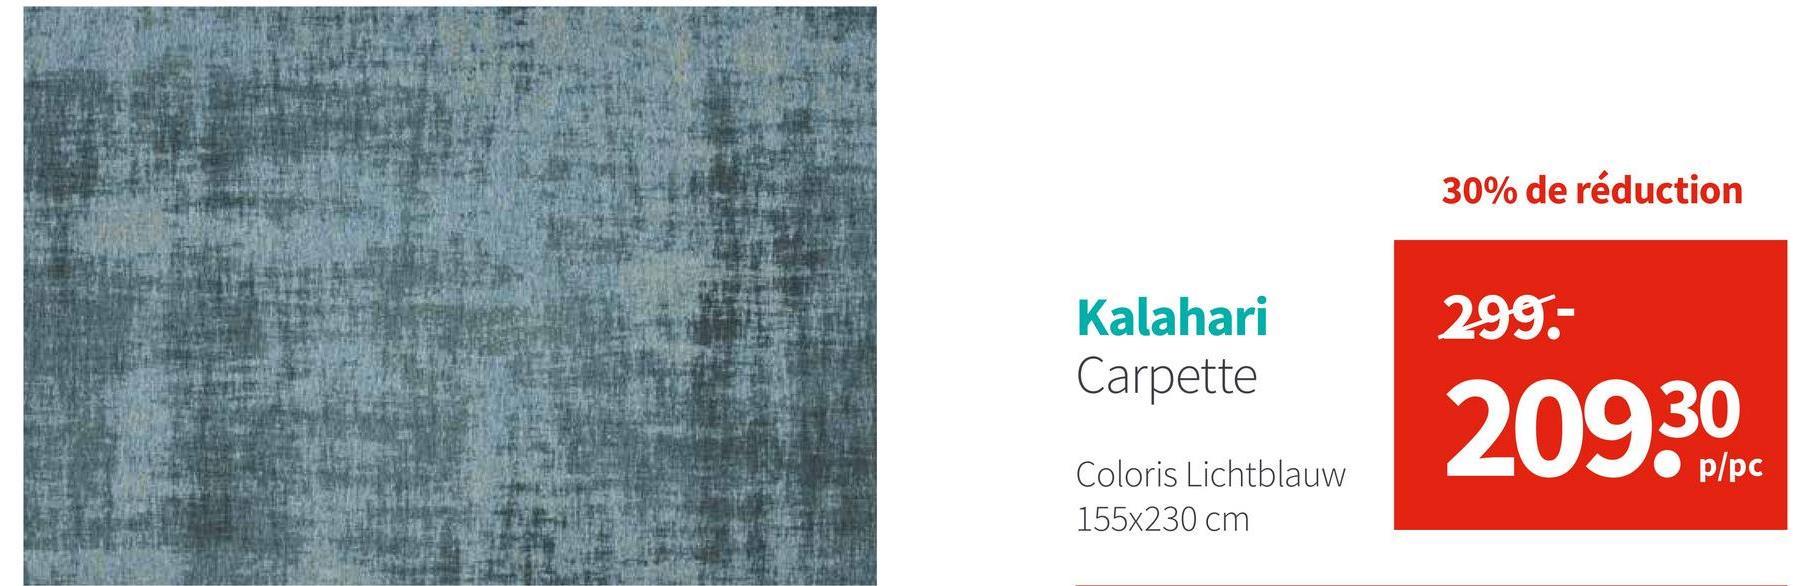 30% de réduction 299. Kalahari Carpette 209.30 p/pc Coloris Lichtblauw 155x230 cm